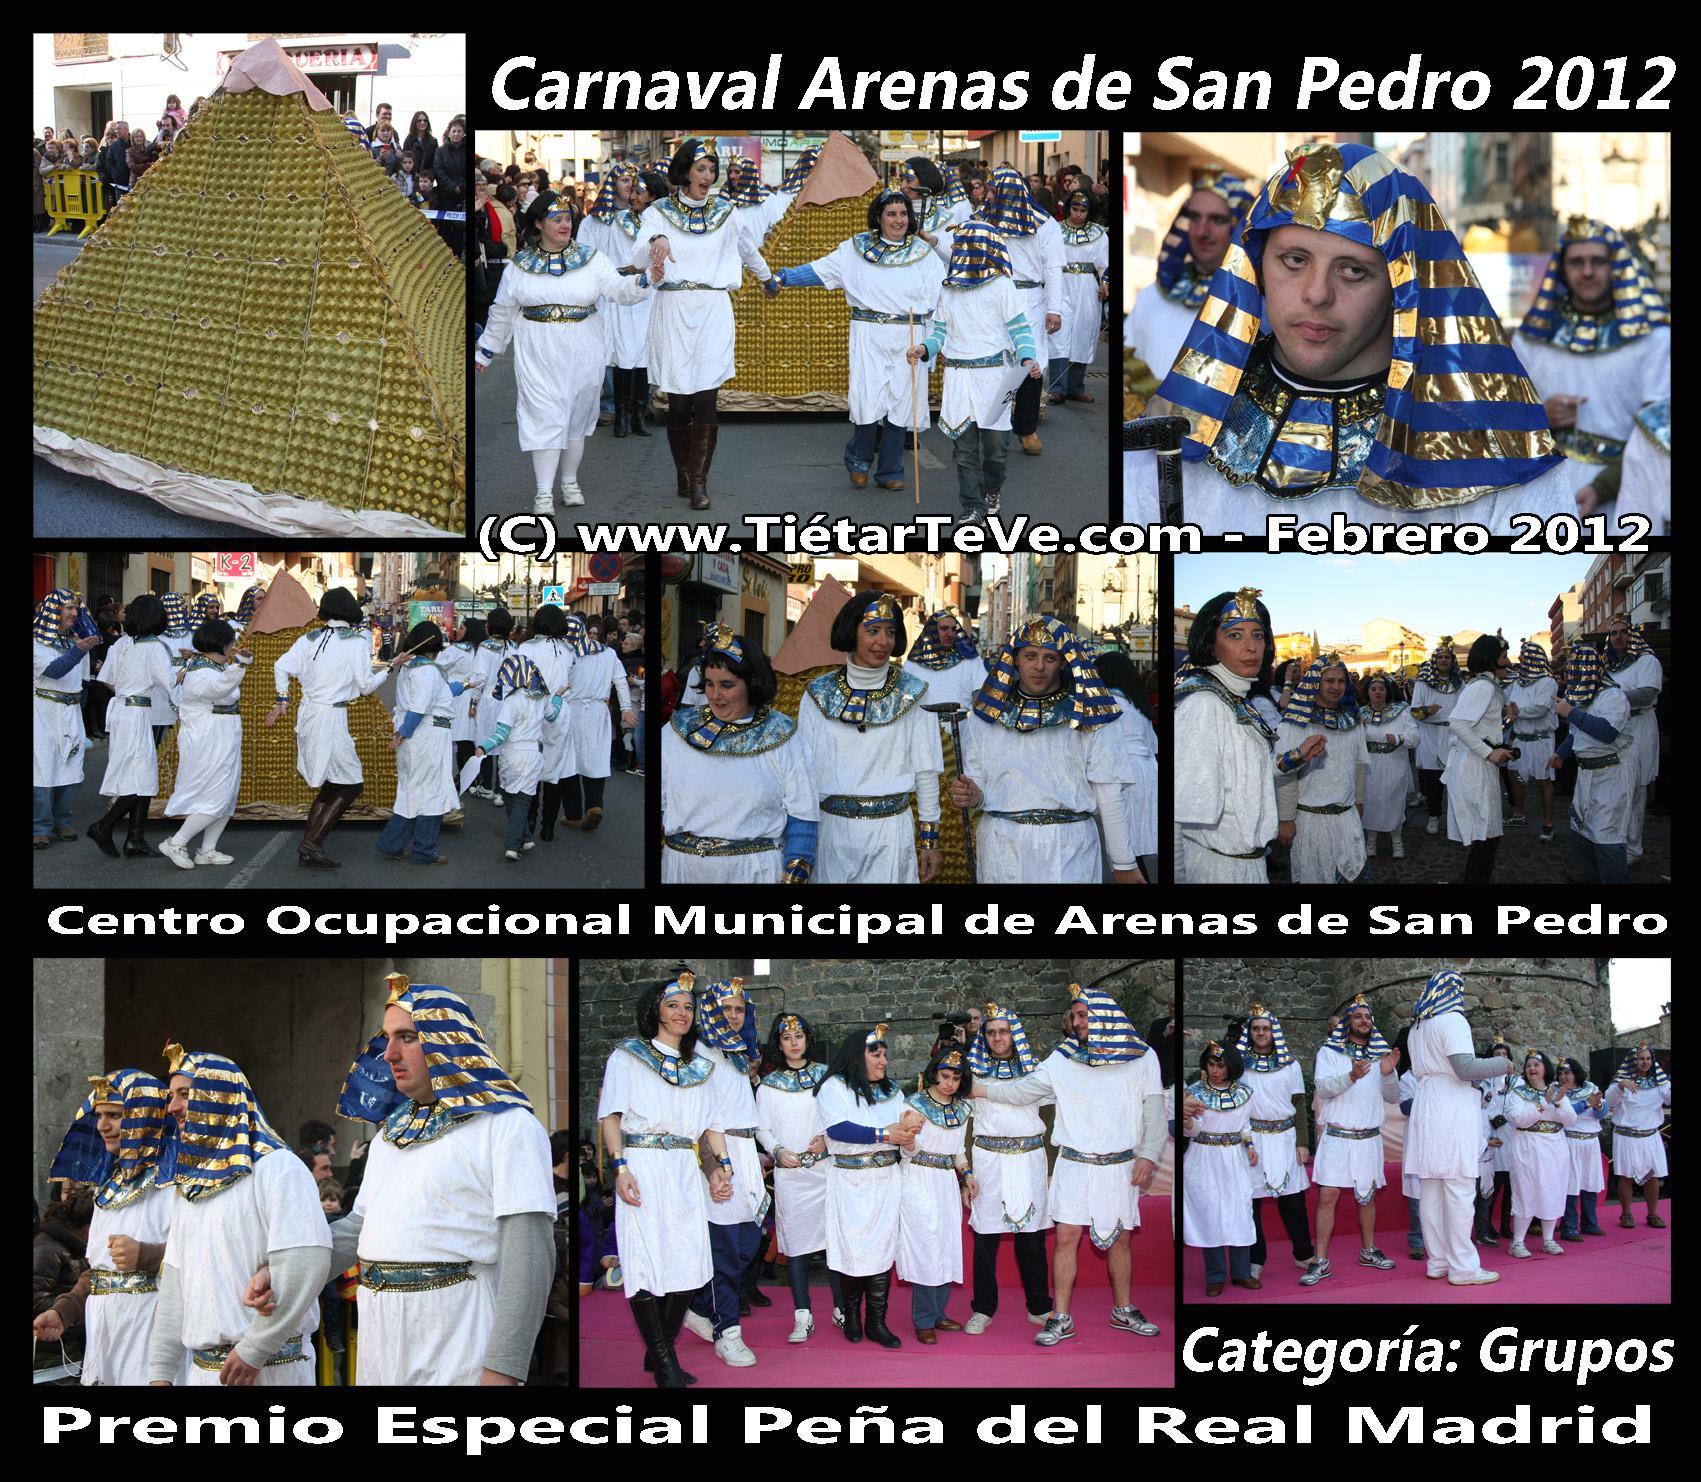 Carnaval Adultos 2012 - Centro Ocupacional Municipal